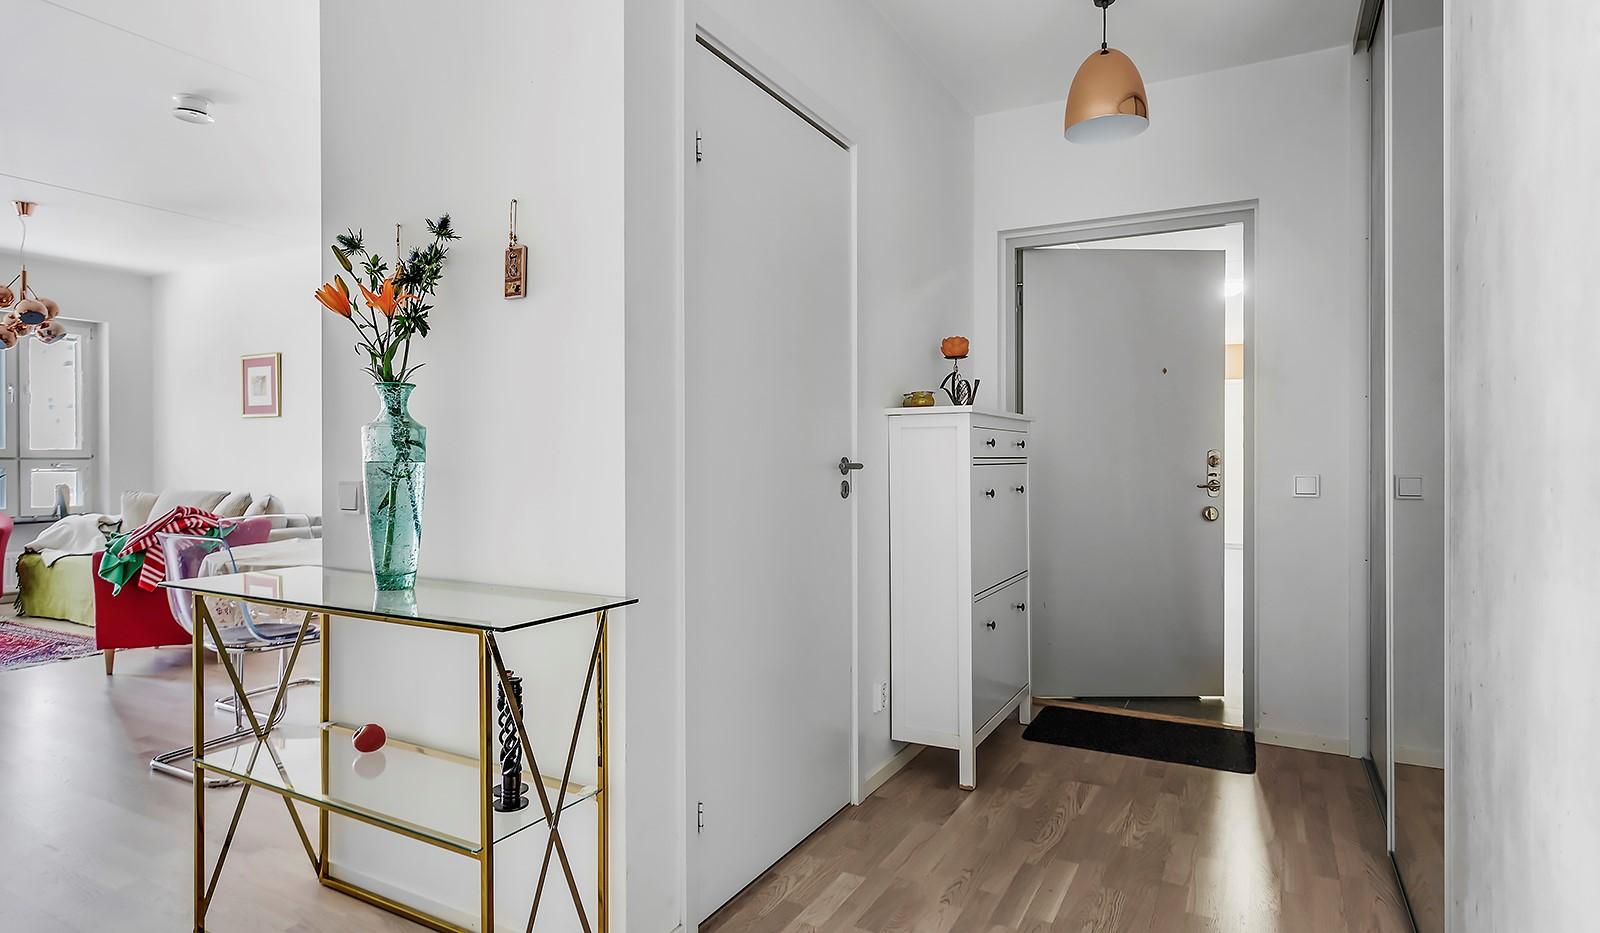 Fredriksdalsgatan 24, vån 2 - Bra förvaring med ordentlig skjutdörrsgarderob i hallen